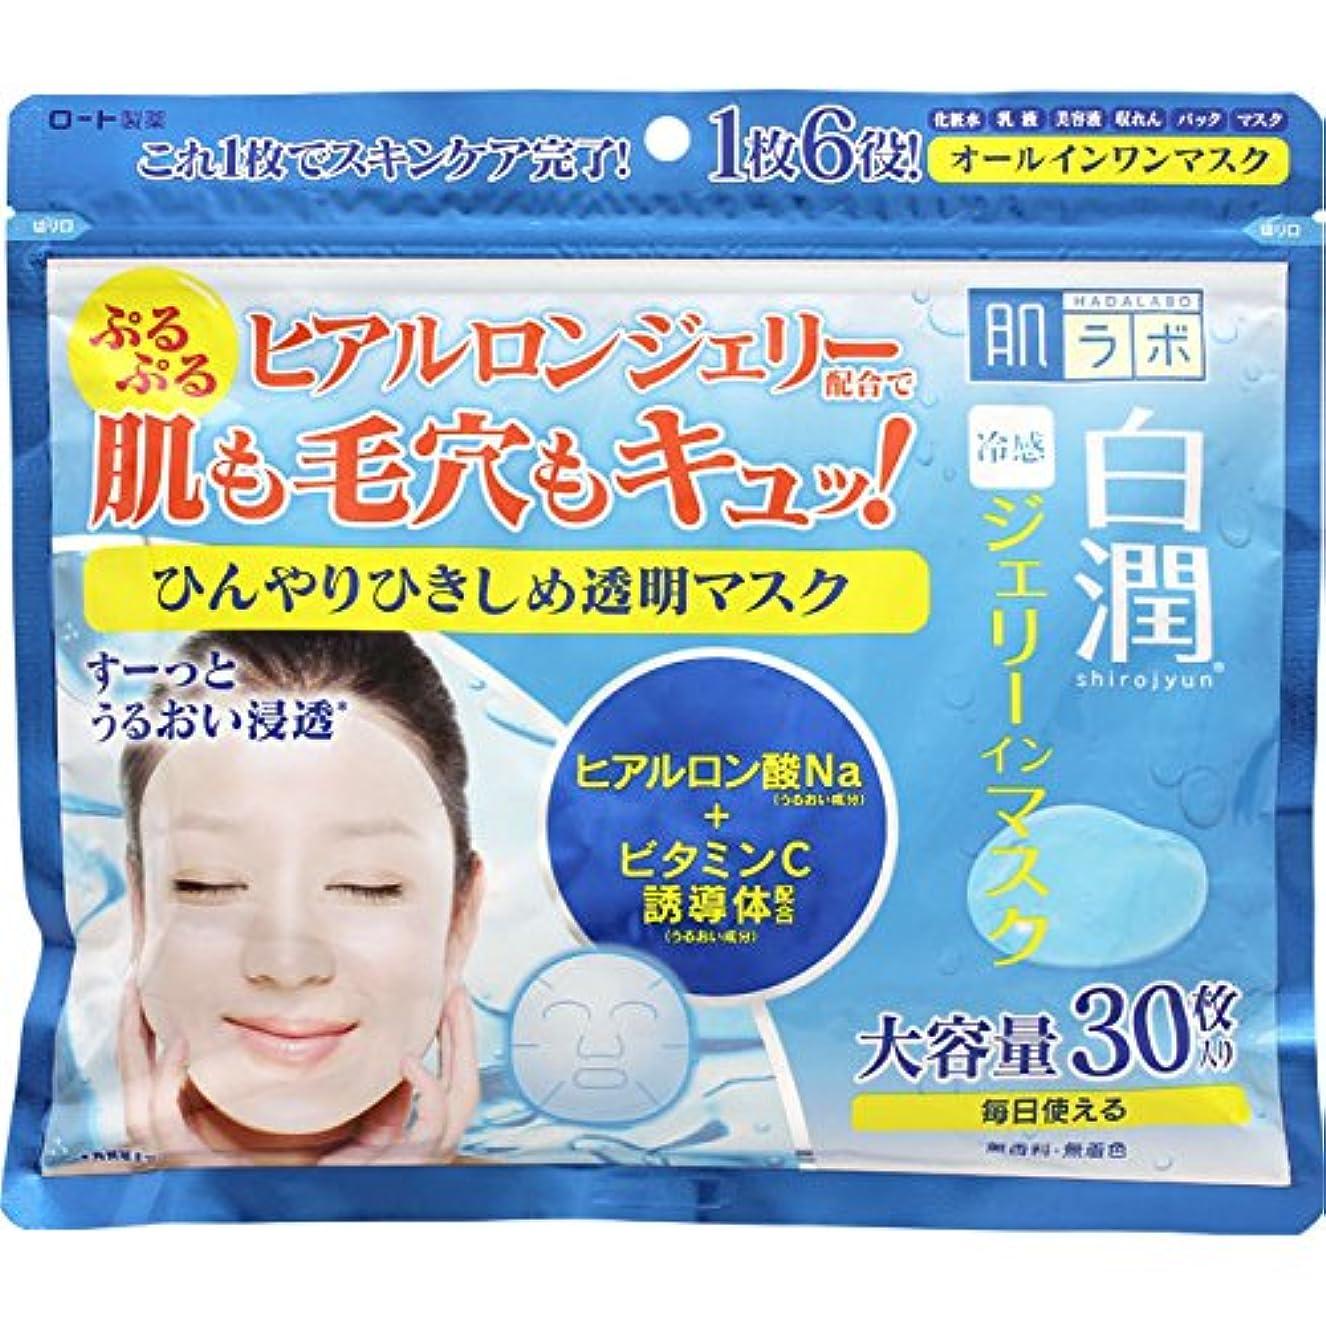 東方敬な禁止する肌ラボ 白潤 冷感ジェリーインマスク 化粧水?乳液?美容液?収れん?パック?マスクの1枚6役 大容量30枚